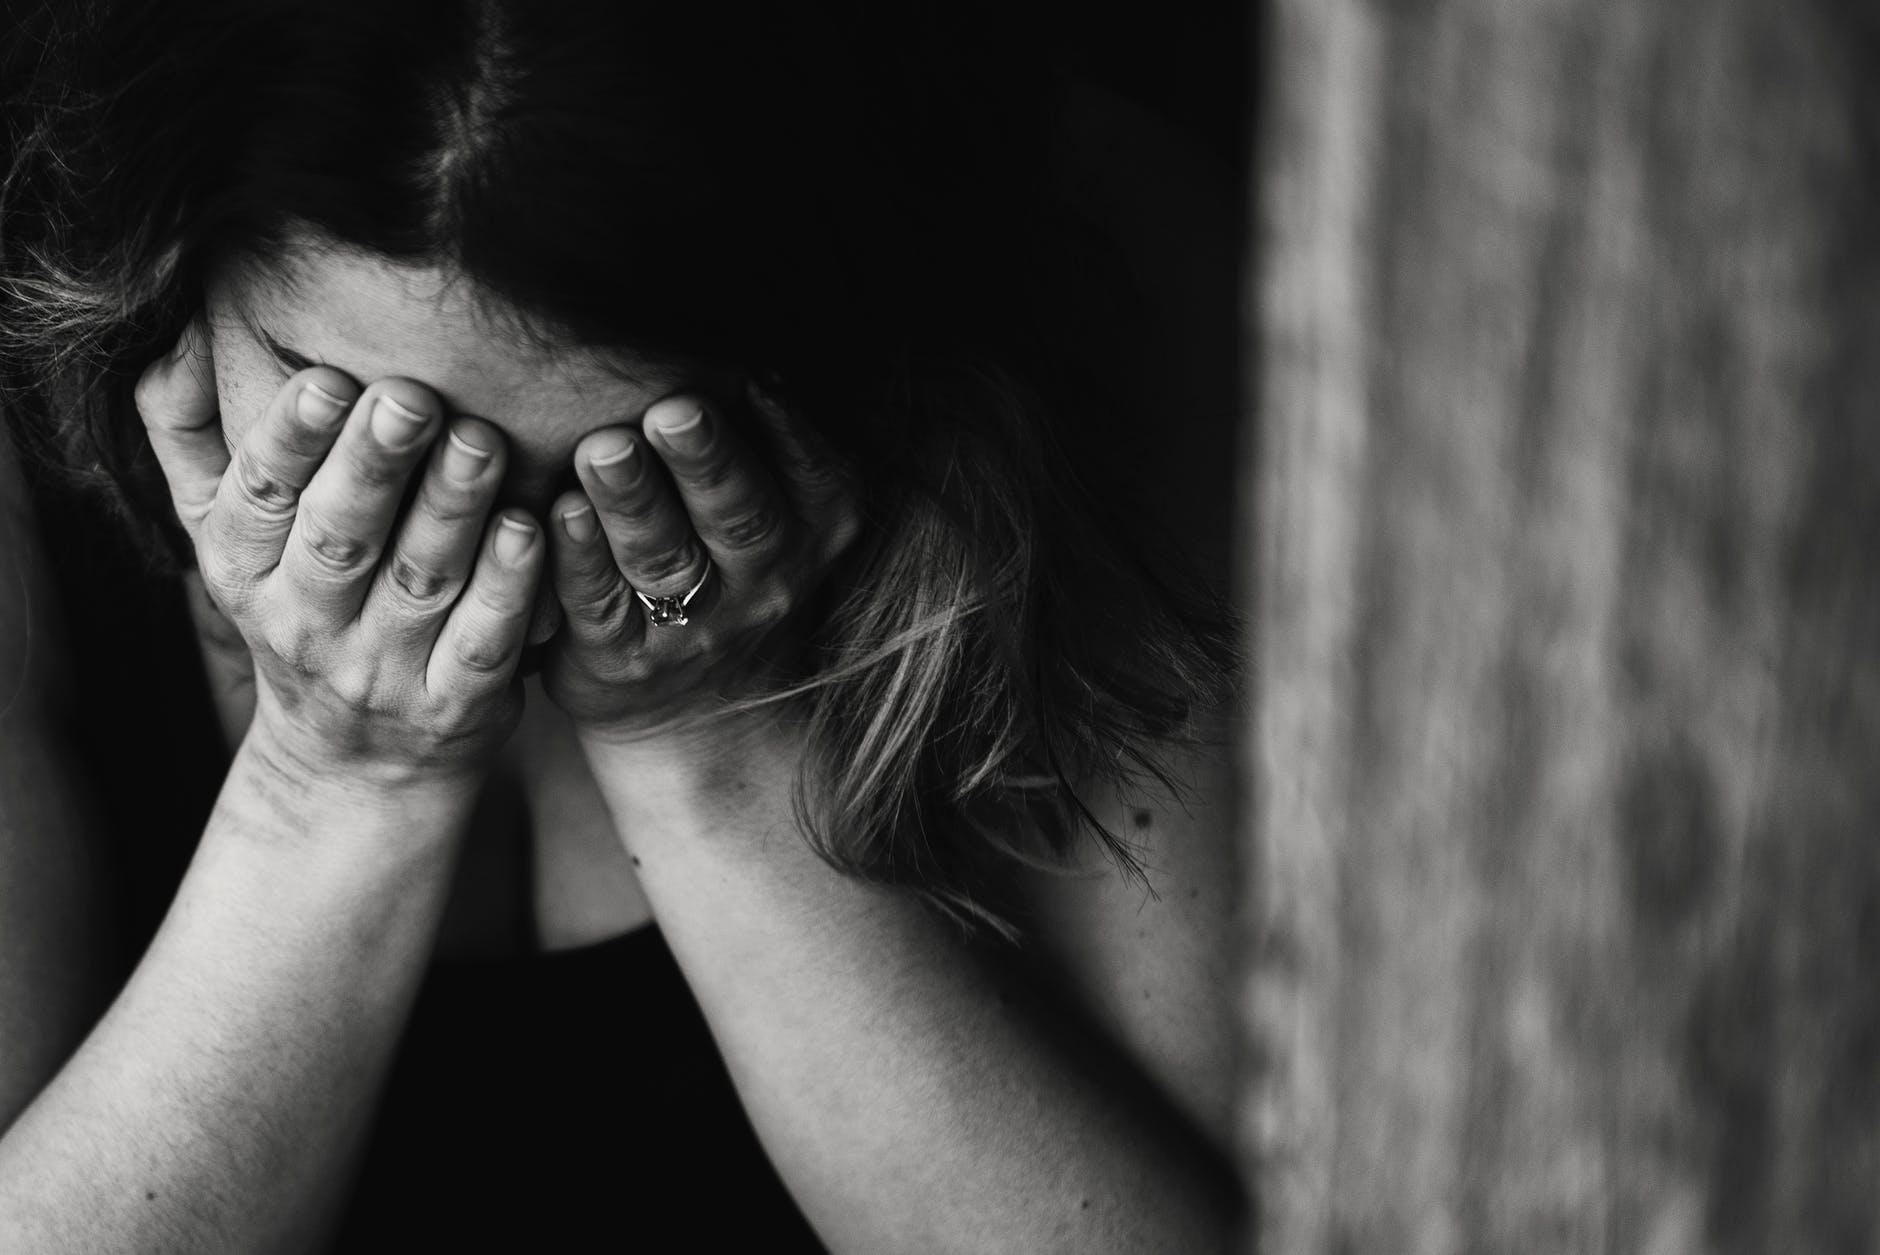 Kata Kata Sedih Dan Kecewa